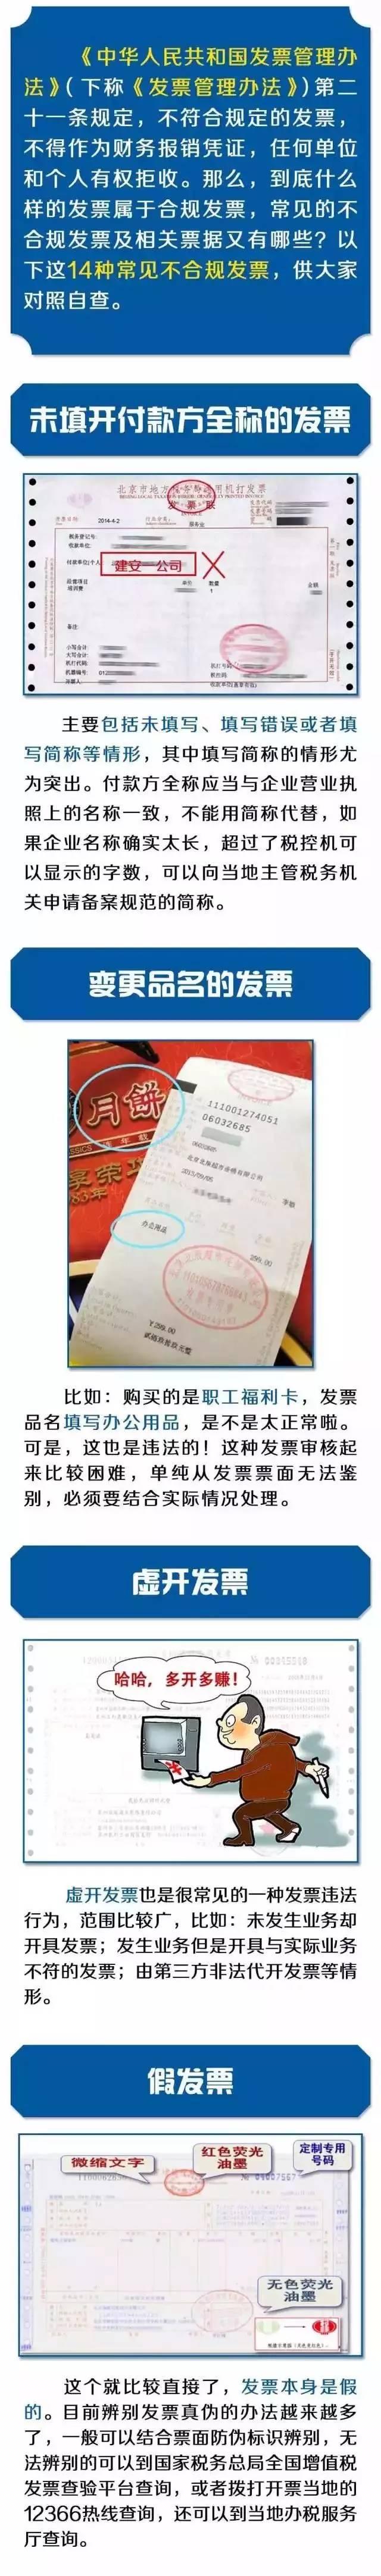 【税务知识】哪些发票和相关票据不能作报销凭证?请速查你的十四种票据合不合规!